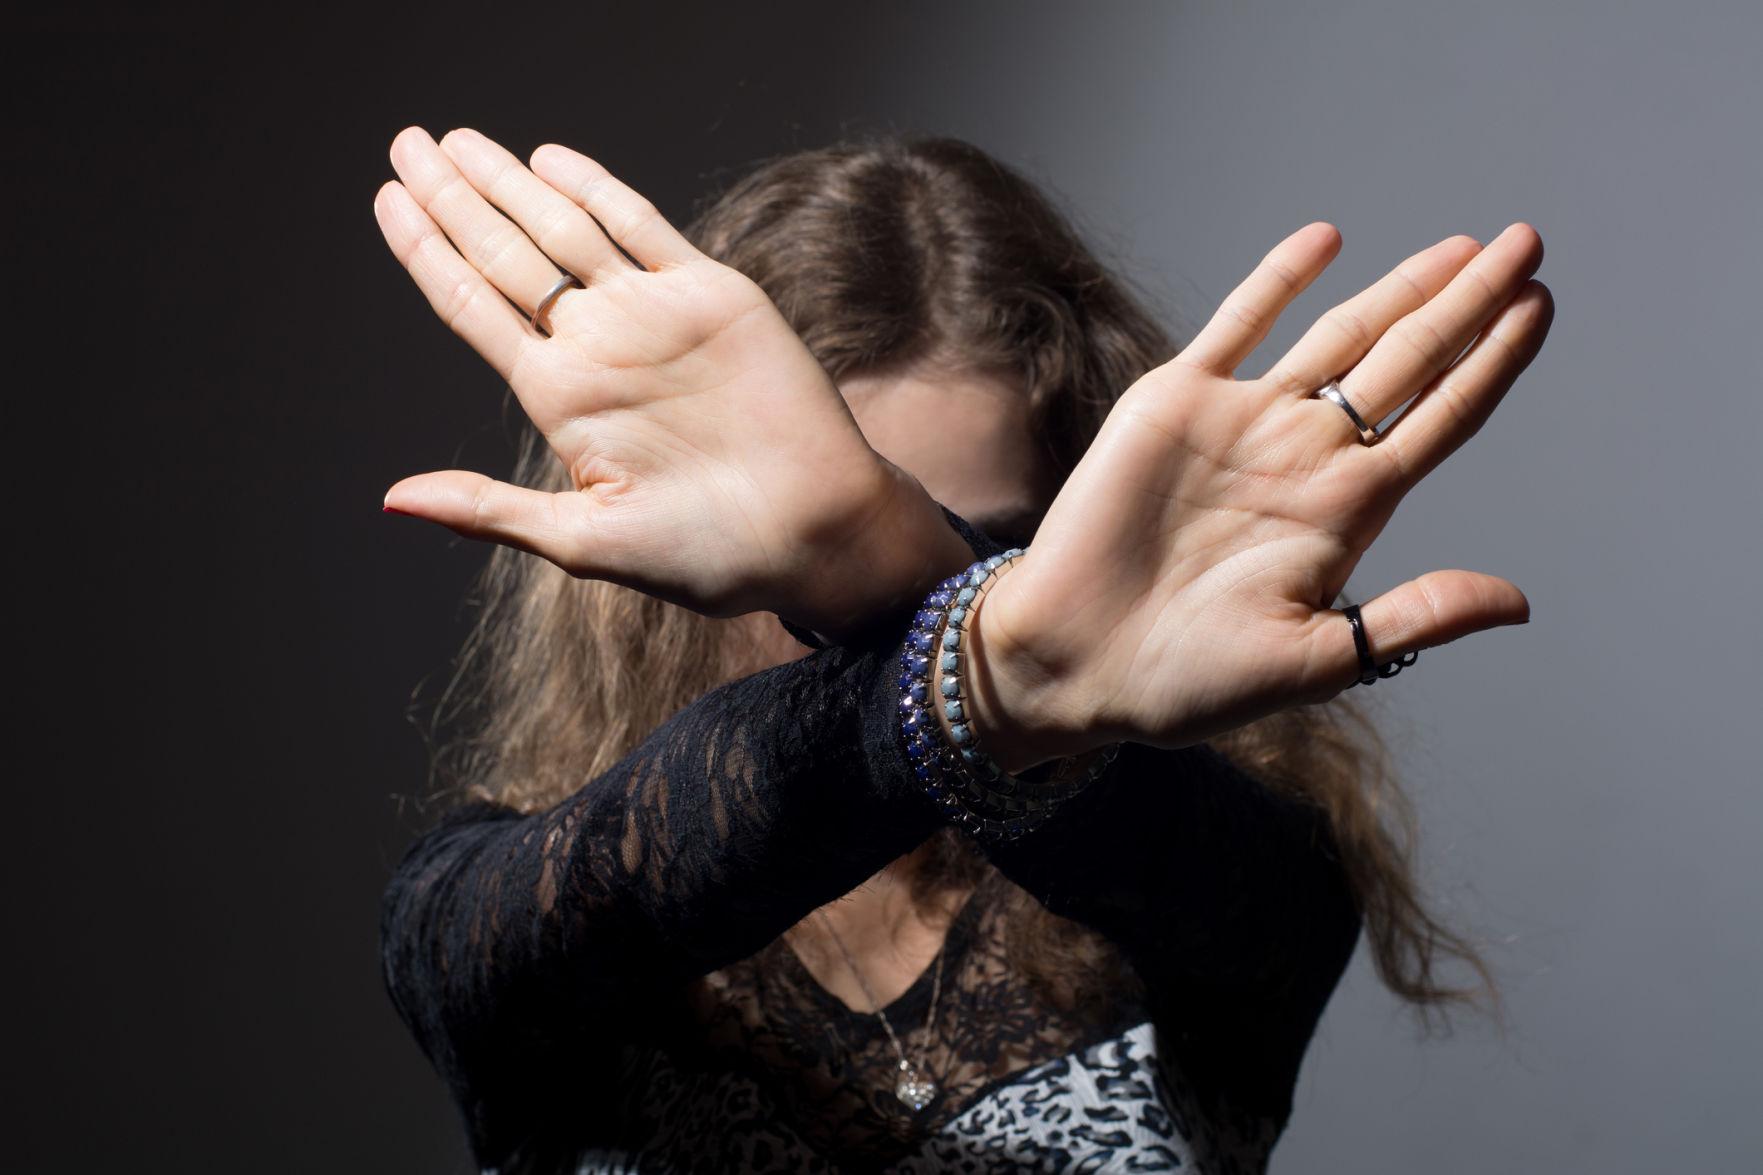 ONU: las mujeres sufren violencia en la familia muy a menudo